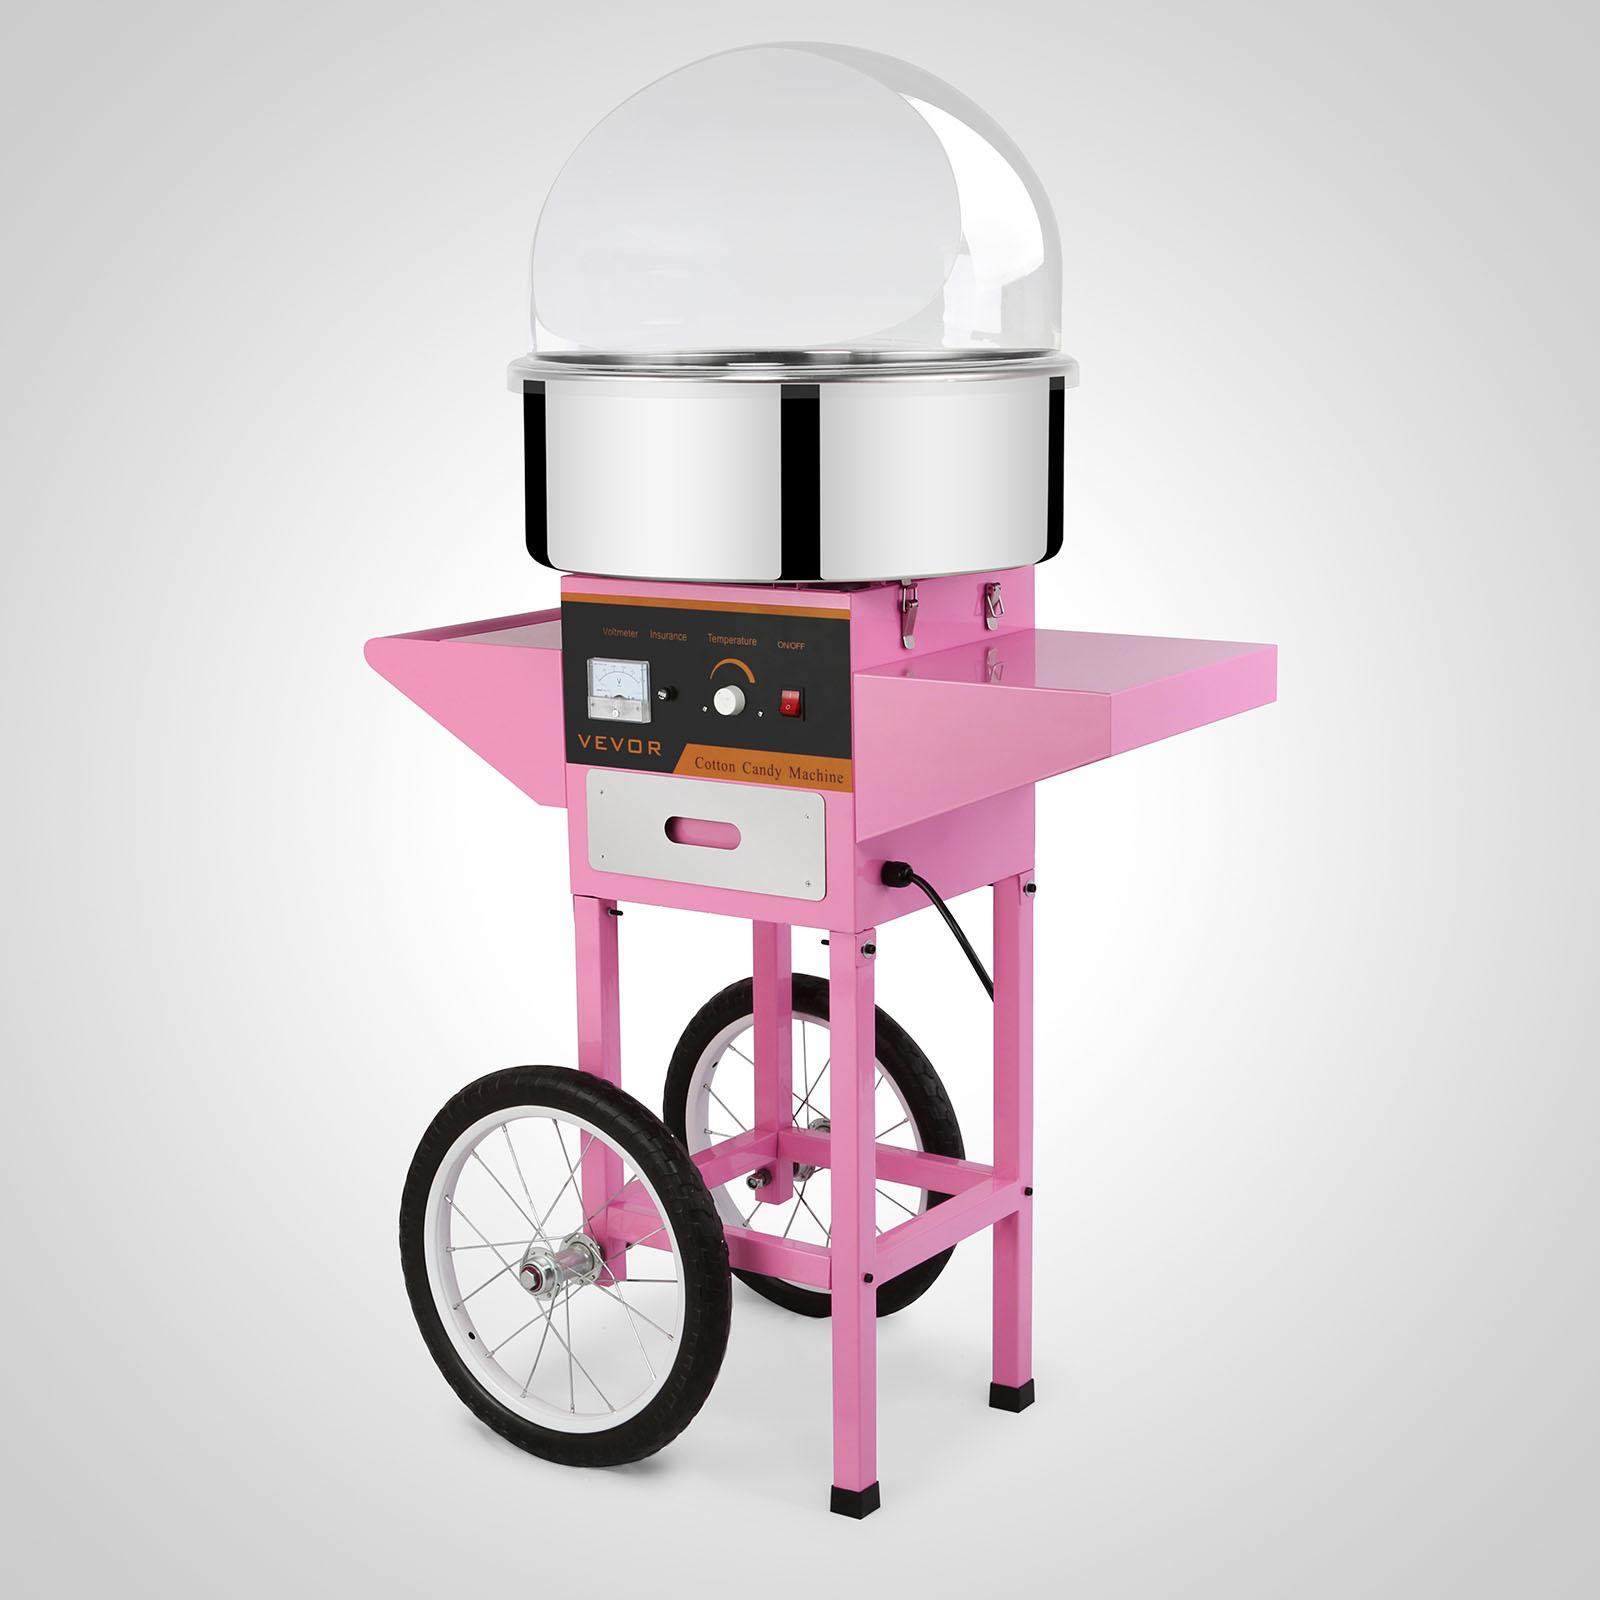 Zuckerwattemaschine-Automat-Zuckerwattegeraet-Candymaker-mit-Wagen-52cm-Abdeckung Indexbild 63